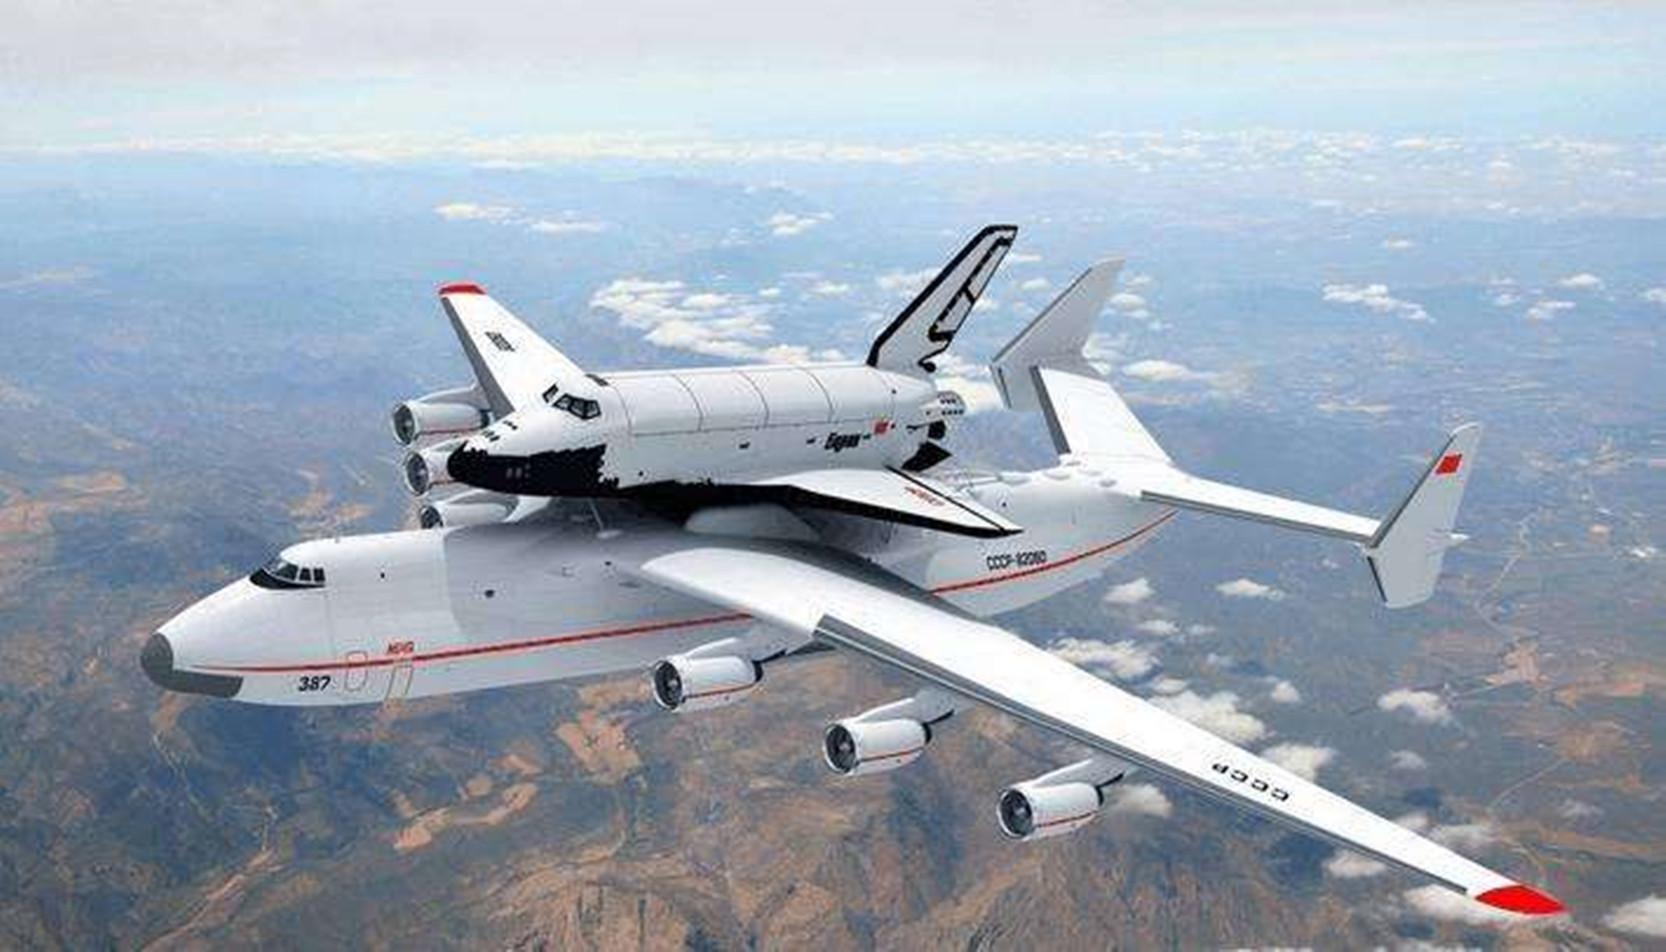 世纪大挑战!400吨空天猛兽冲天而起 连飞3天绕地球一圈破纪录_运输机